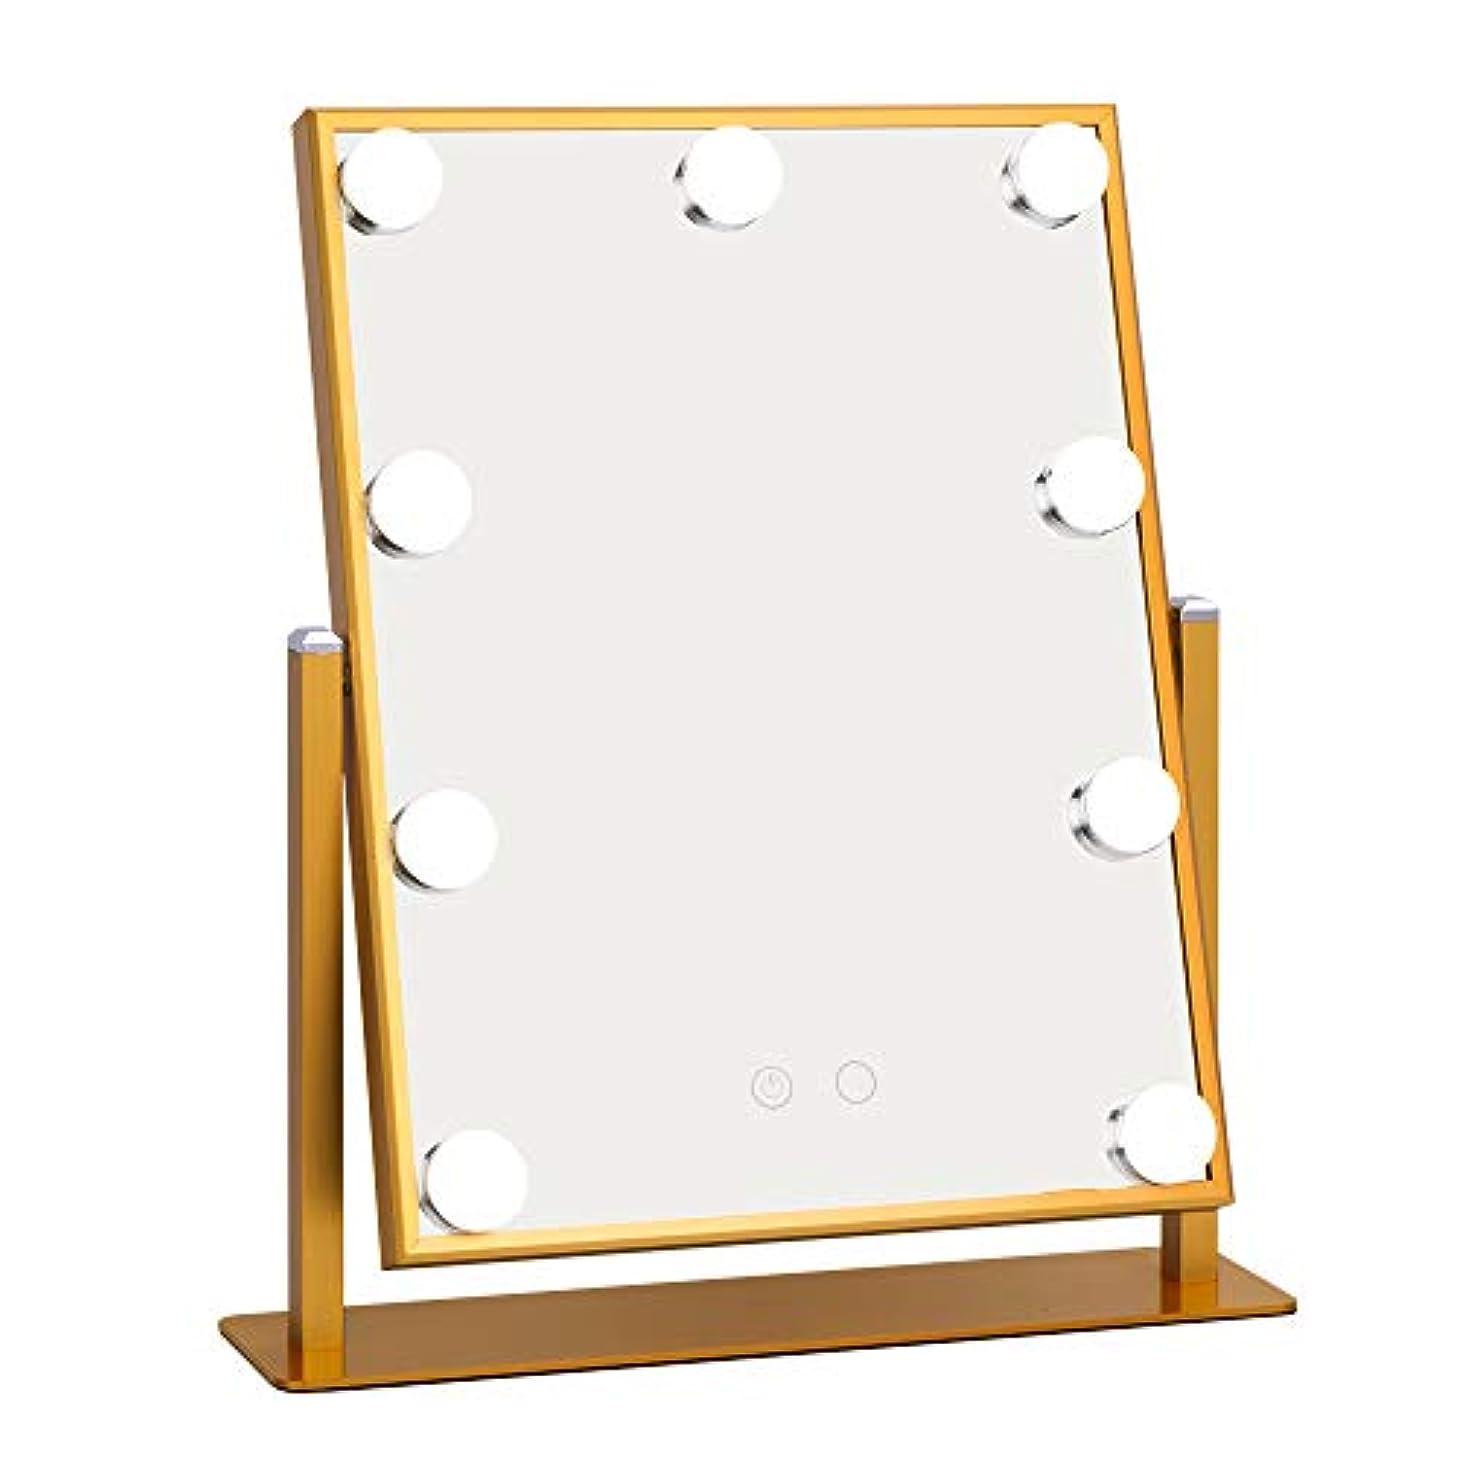 憂慮すべき余韻密度BEAUTME 女優ミラー 化粧鏡 ハリウッドミラー LED電球9個付き 2種ライトモード 明るさ調整可能 光量メモリー 360度回転 卓上 メイクミラー ドレッサーや化粧台に適用(ゴールド)